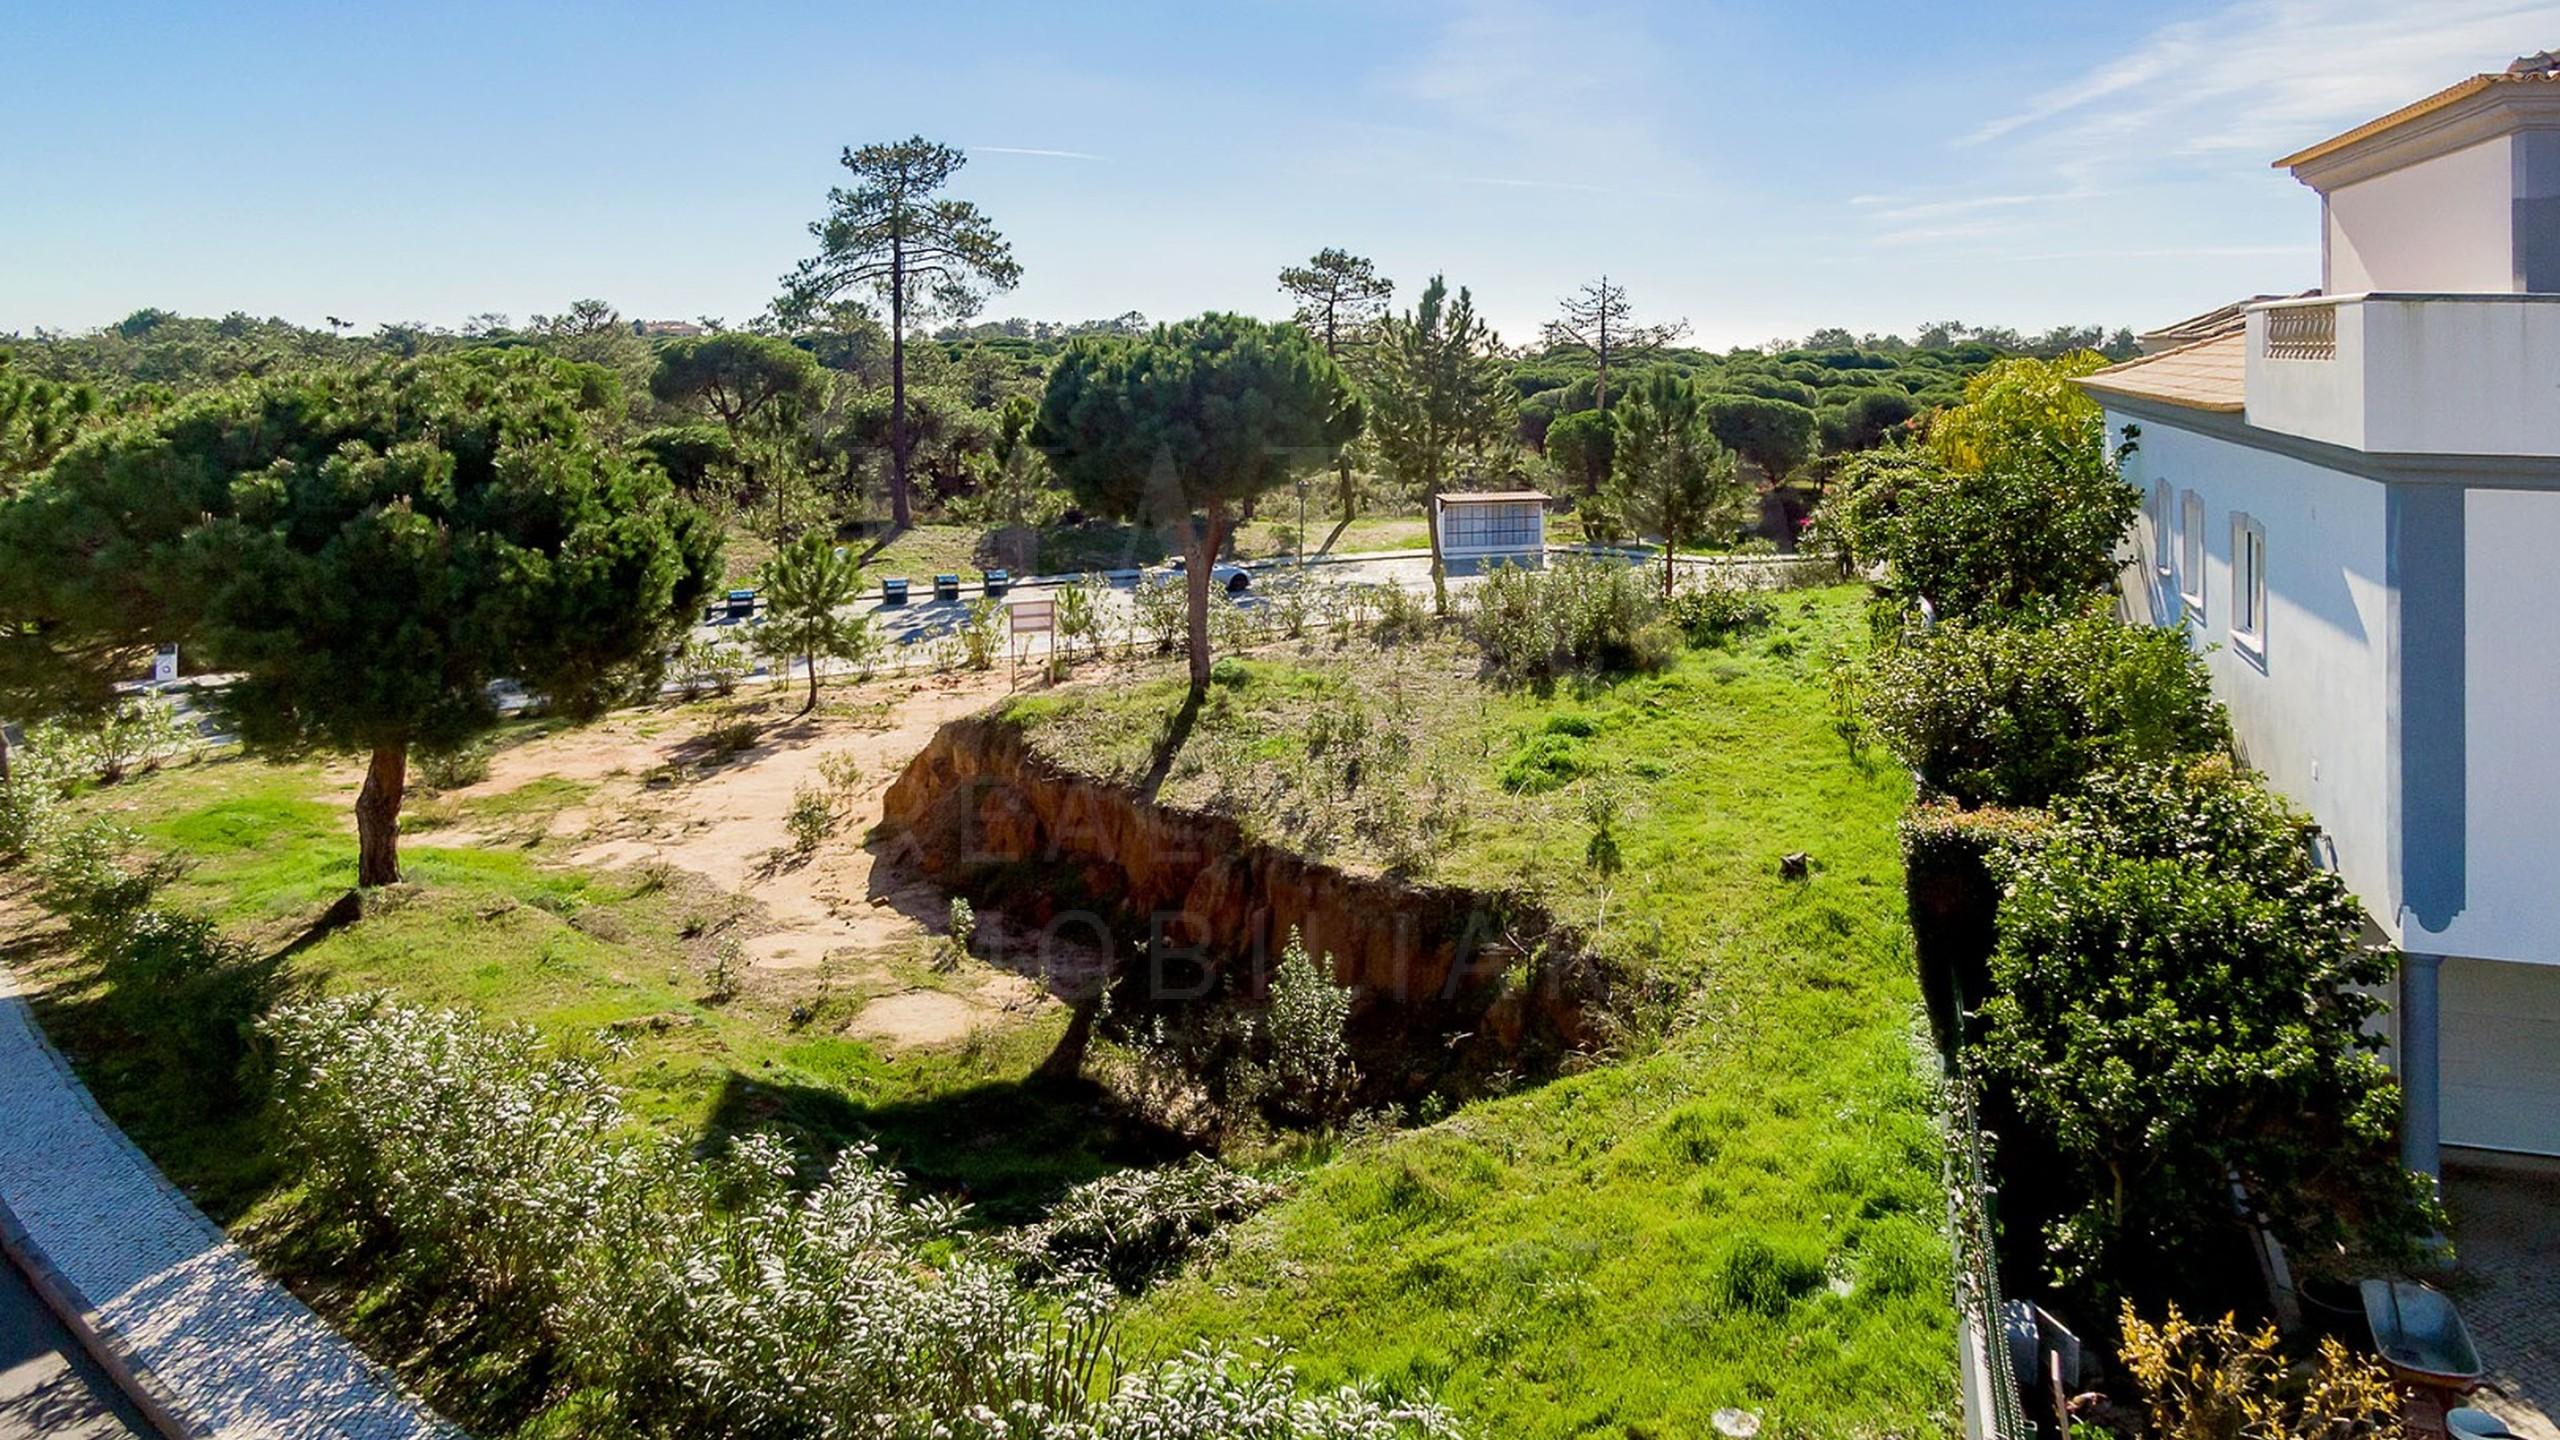 Terrain à vendre entre Vale do Lobo et Quinta do Lago